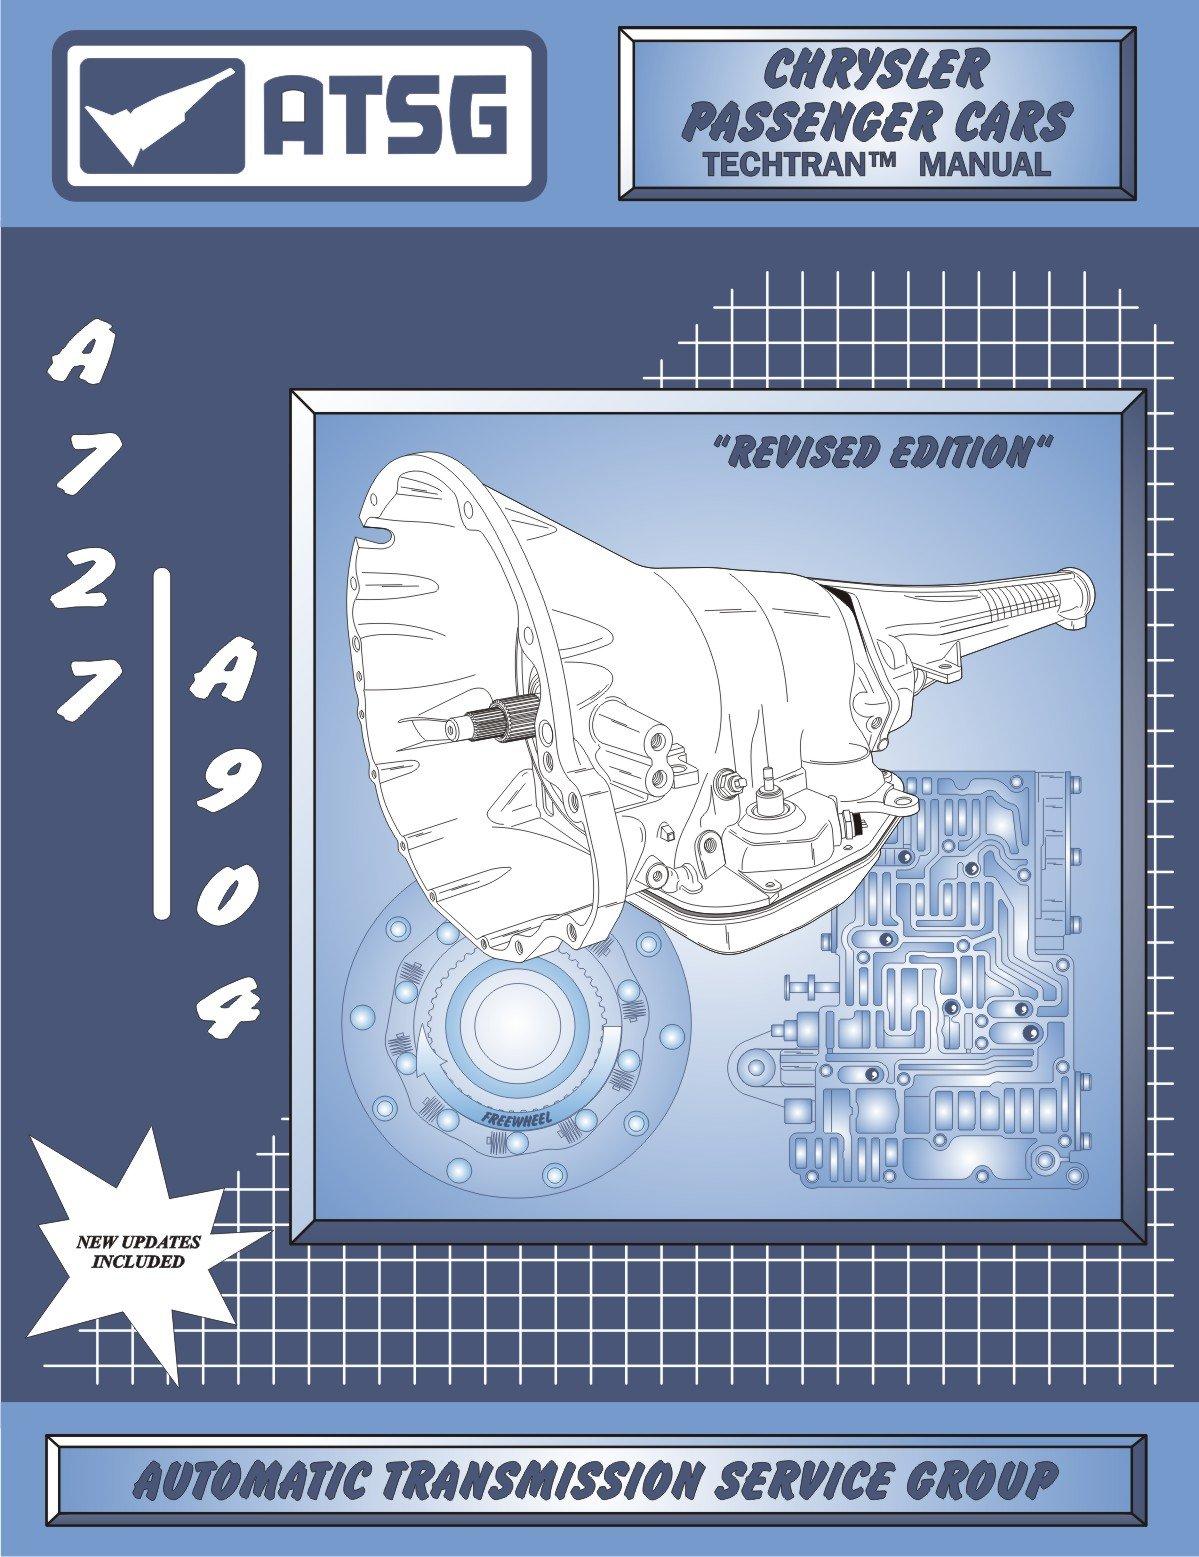 ATSG Chrysler Torqueflight A-727 A-904, Techtran Manual